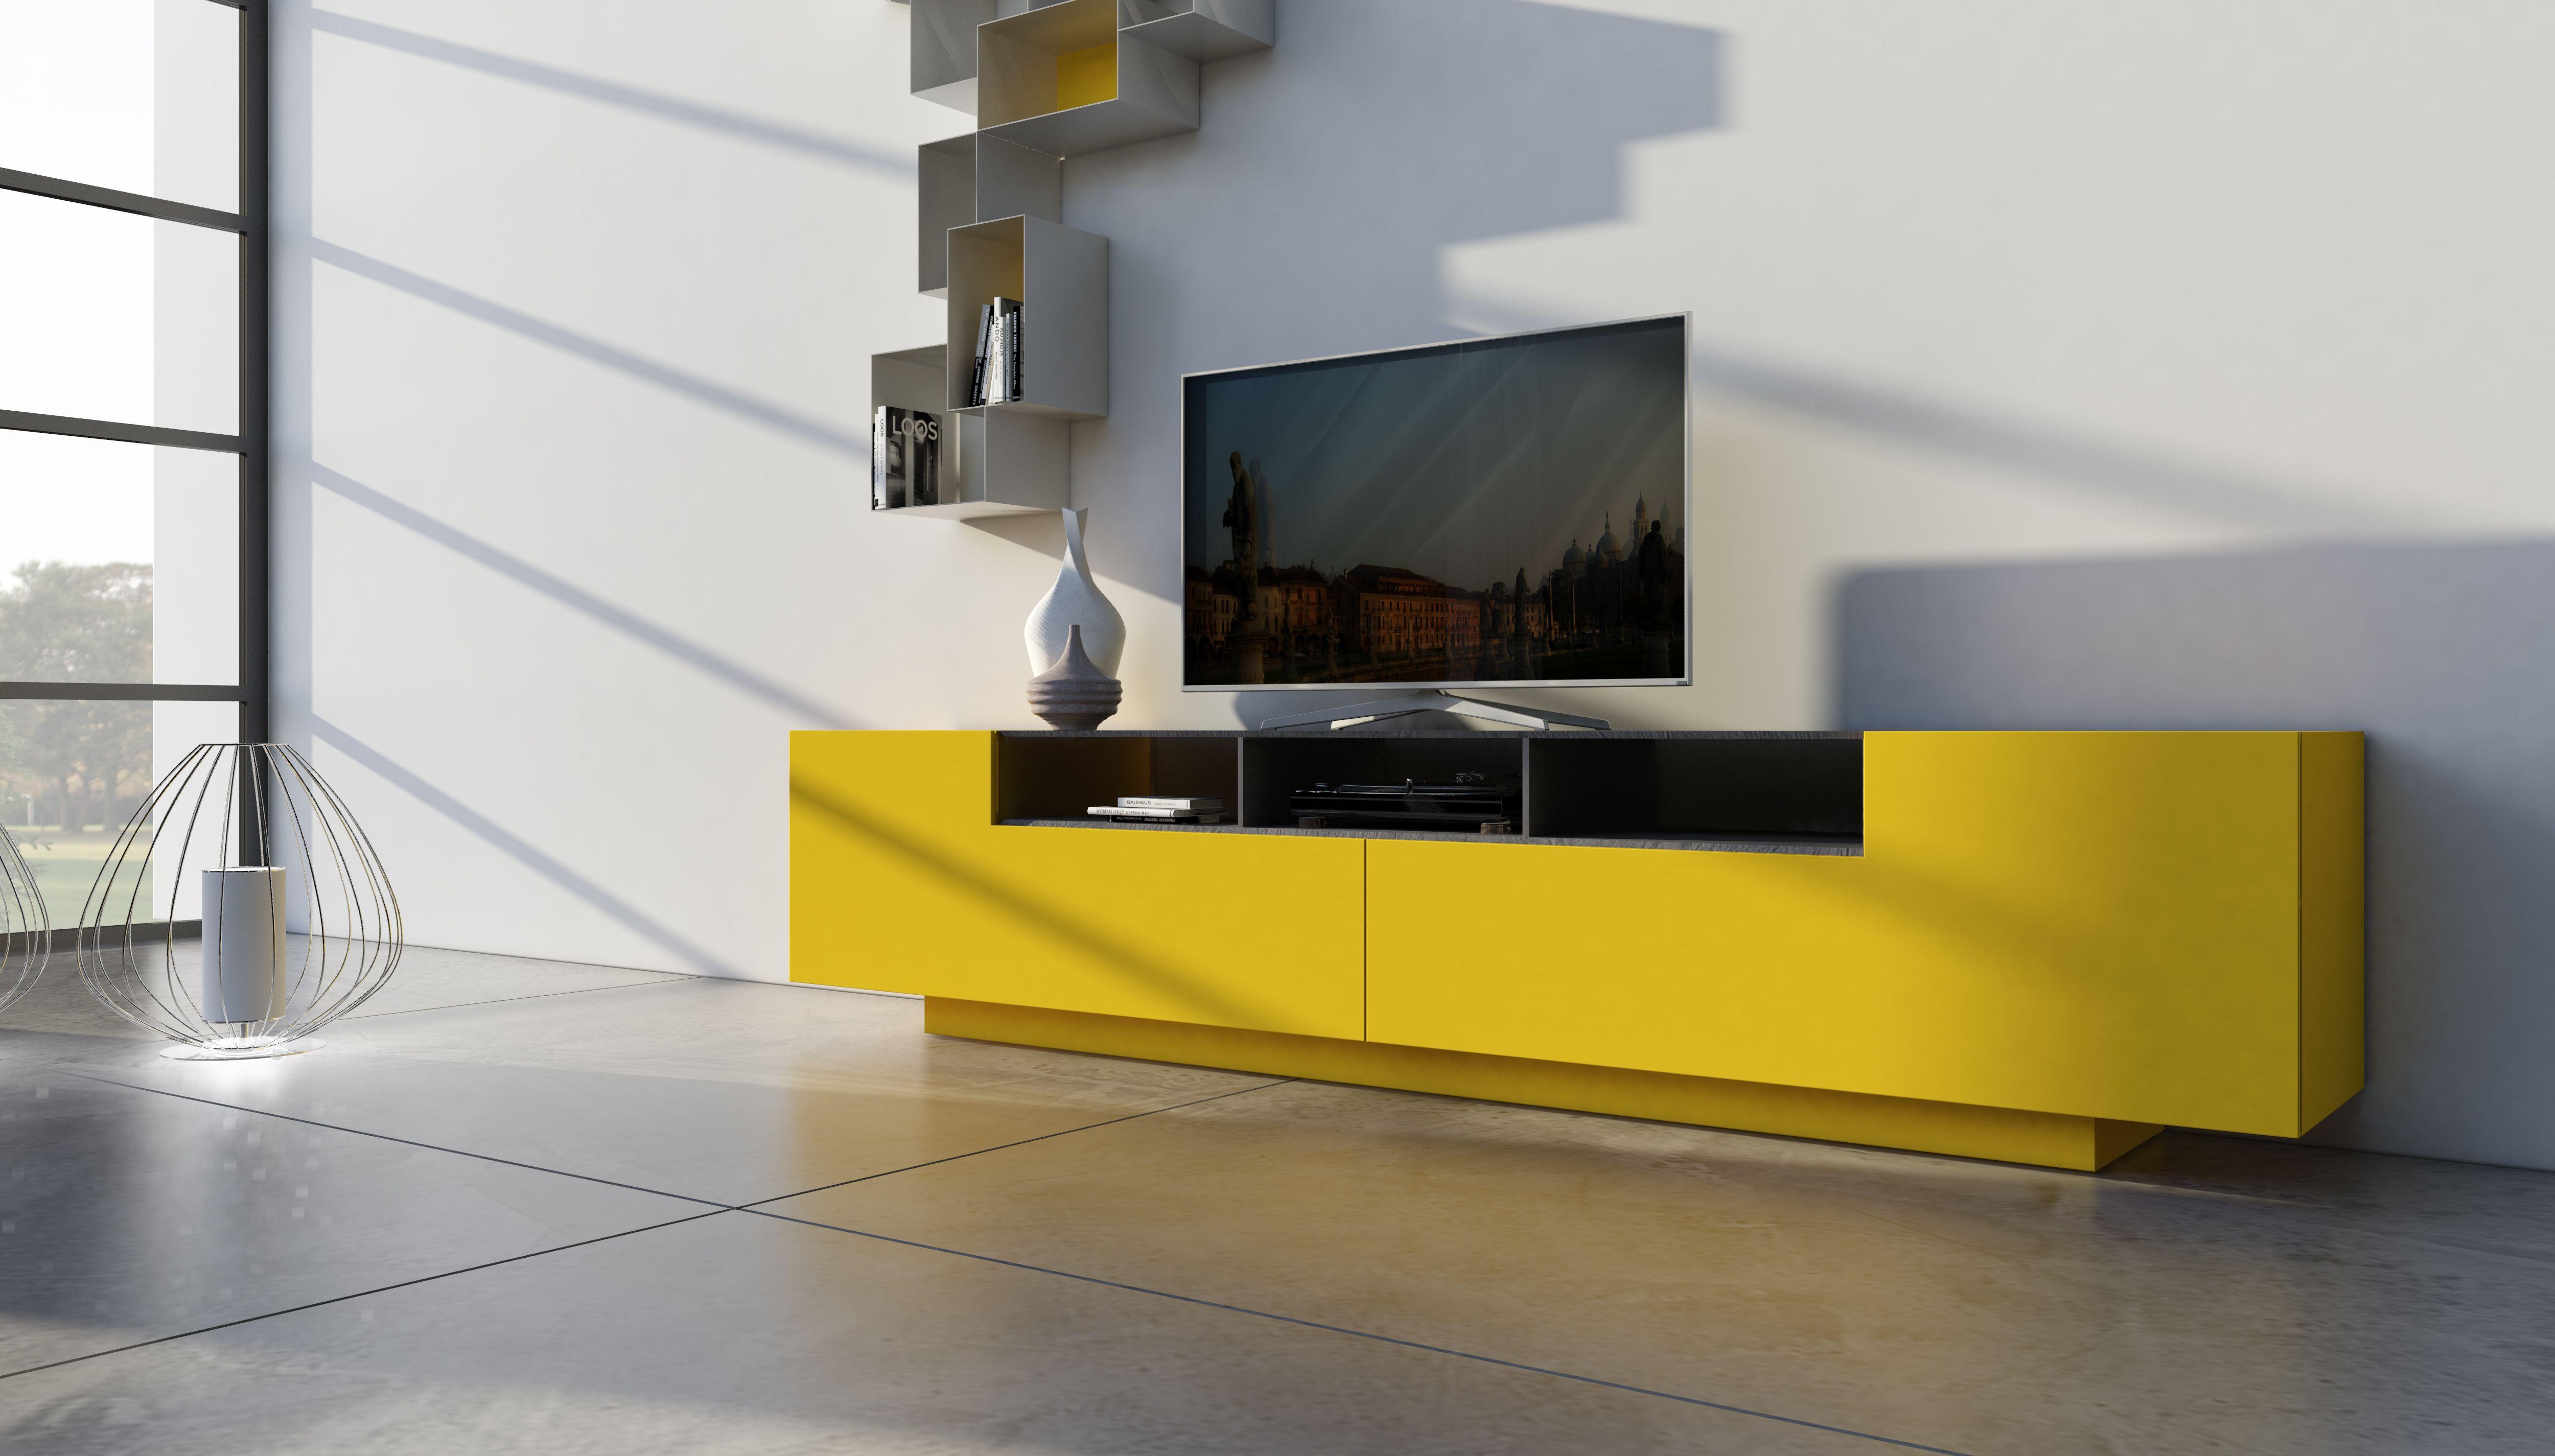 Credenza Moderna Corridoio : Idee e soluzioni per arredare il corridoio casafacile